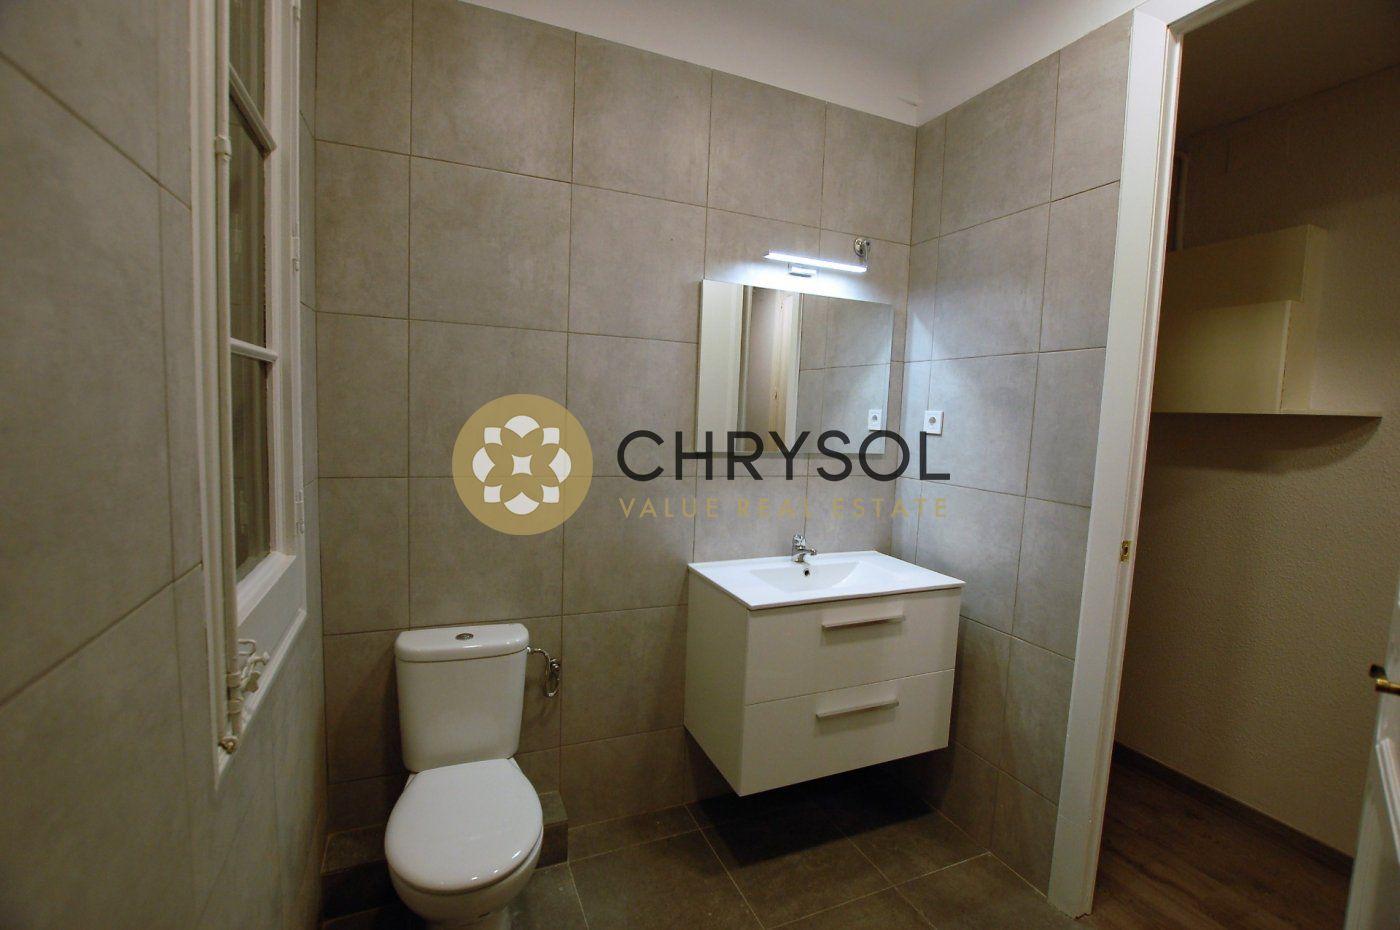 Fotogalería - 17 - Chrysol Value